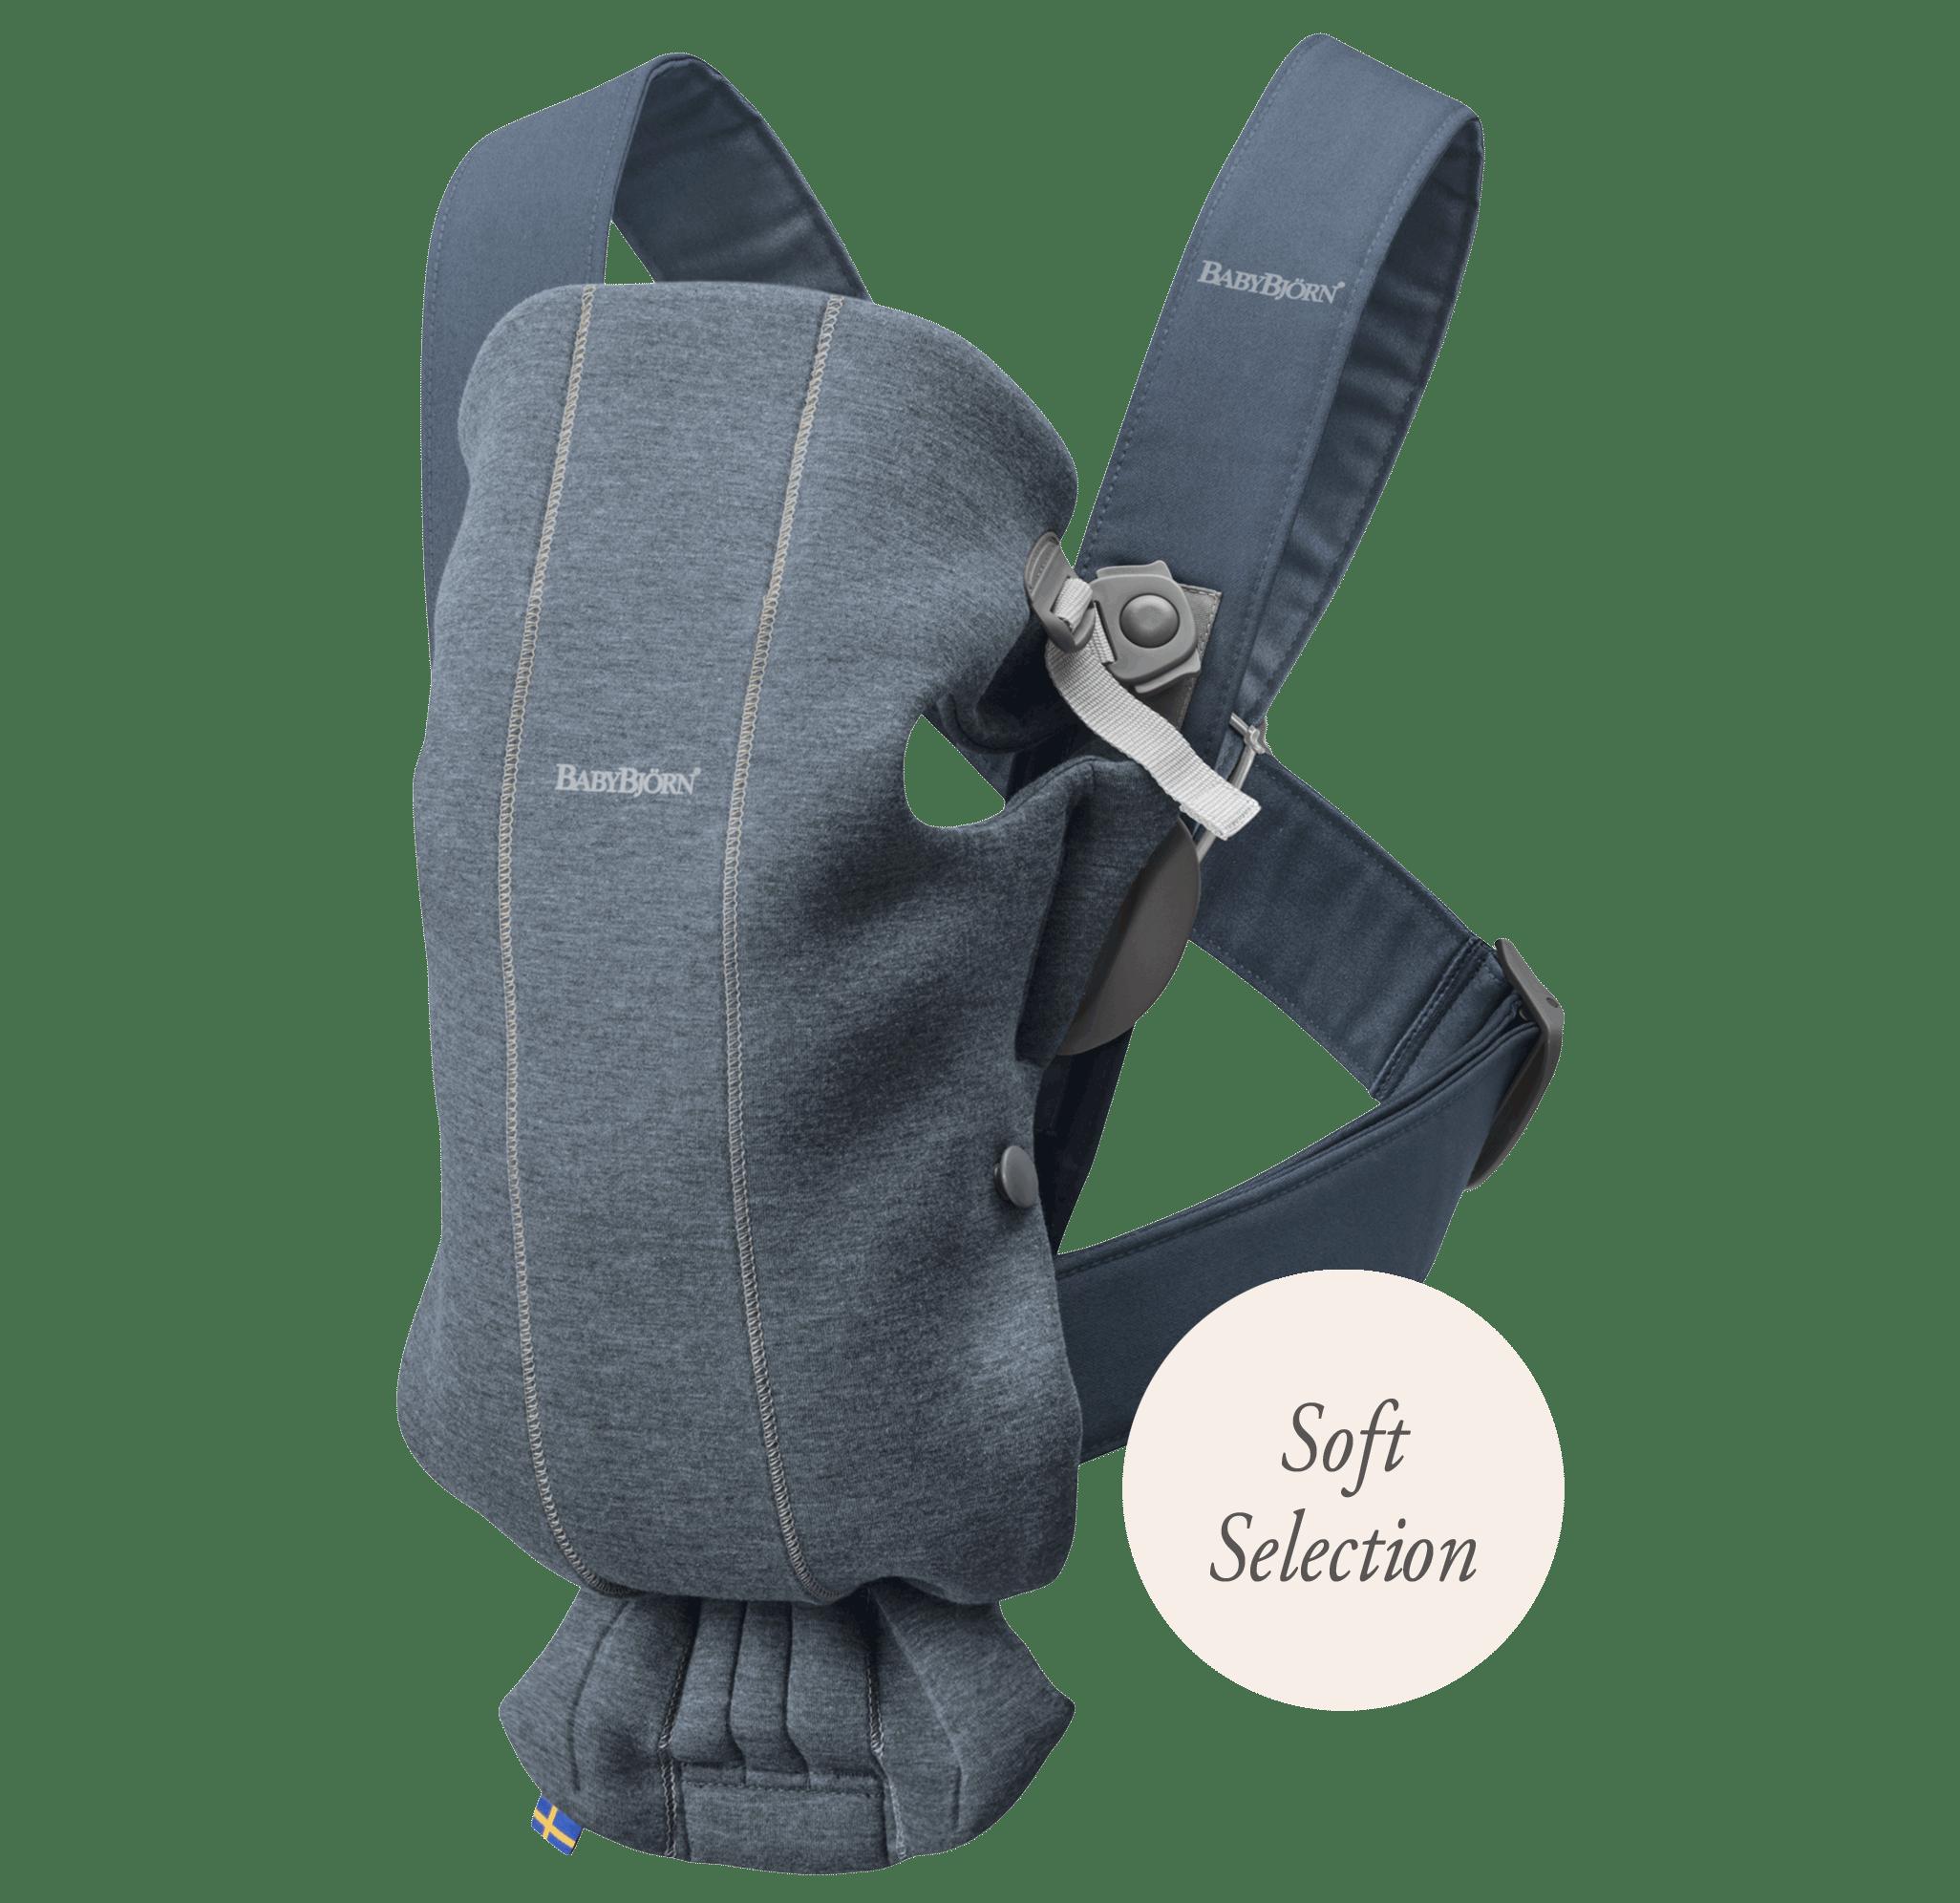 Porte-bébé Mini Bleu ardoise 3D Jersey Soft Selection, Le porte-bébé idéal pour les nouveau-nés - BABYBJÖRN